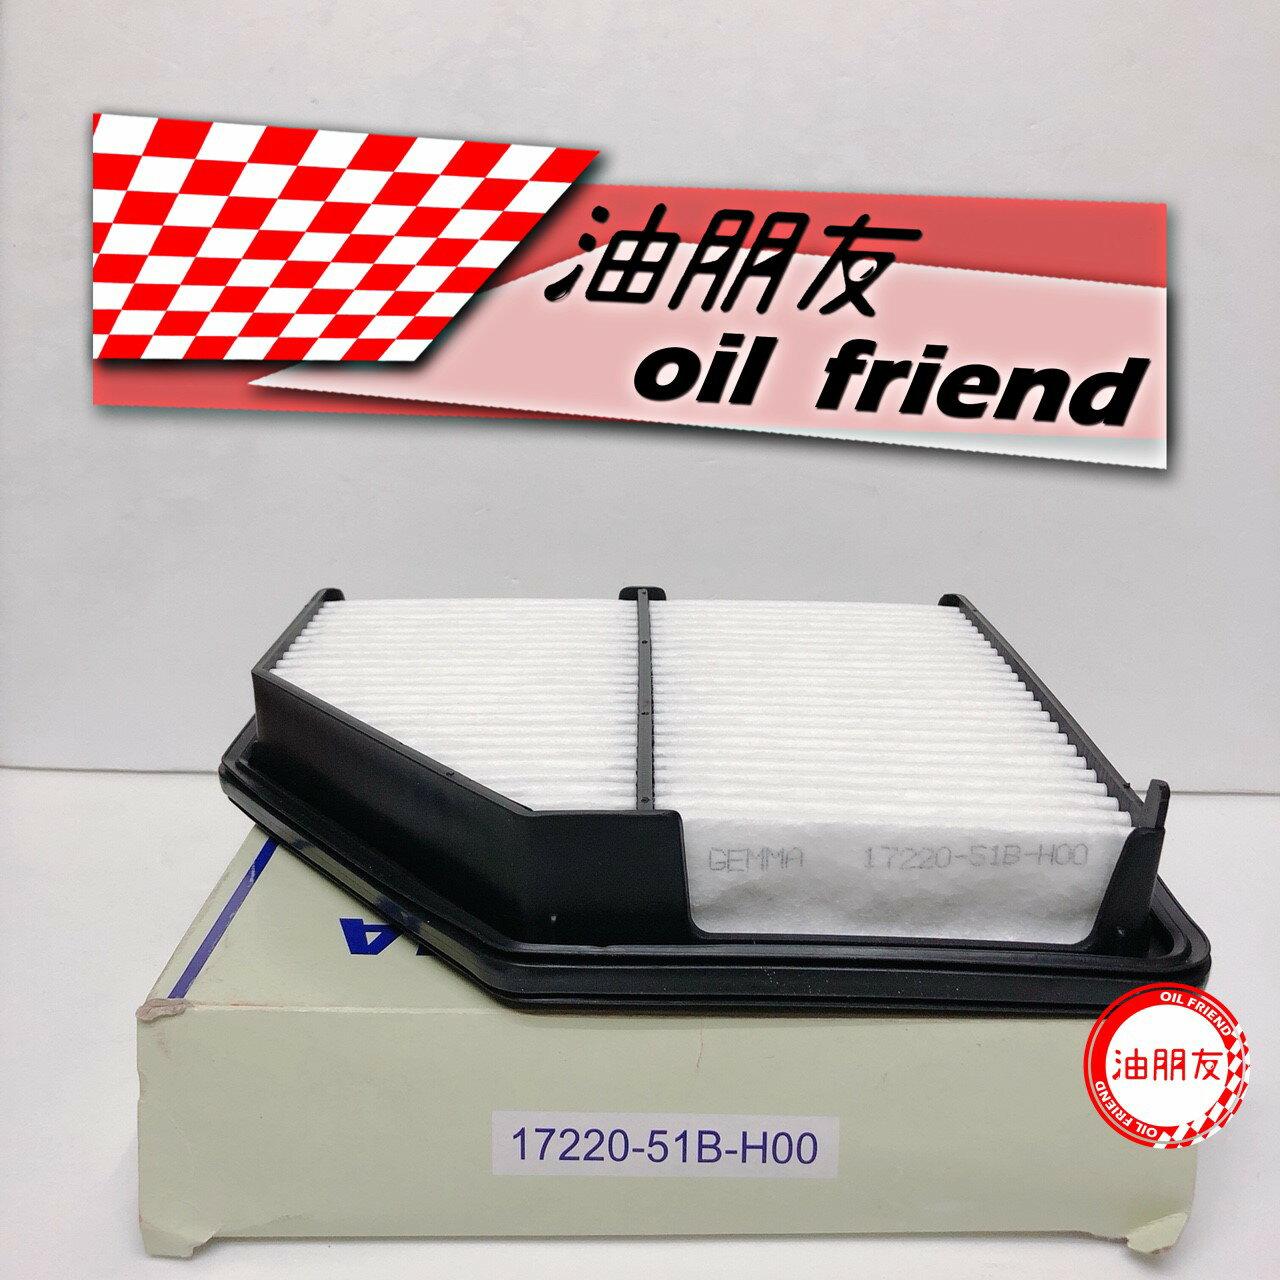 -油朋友-  HONDA 本田 HRV HR-V 1.8 16- 空氣濾網 空氣濾芯 空氣芯 空濾